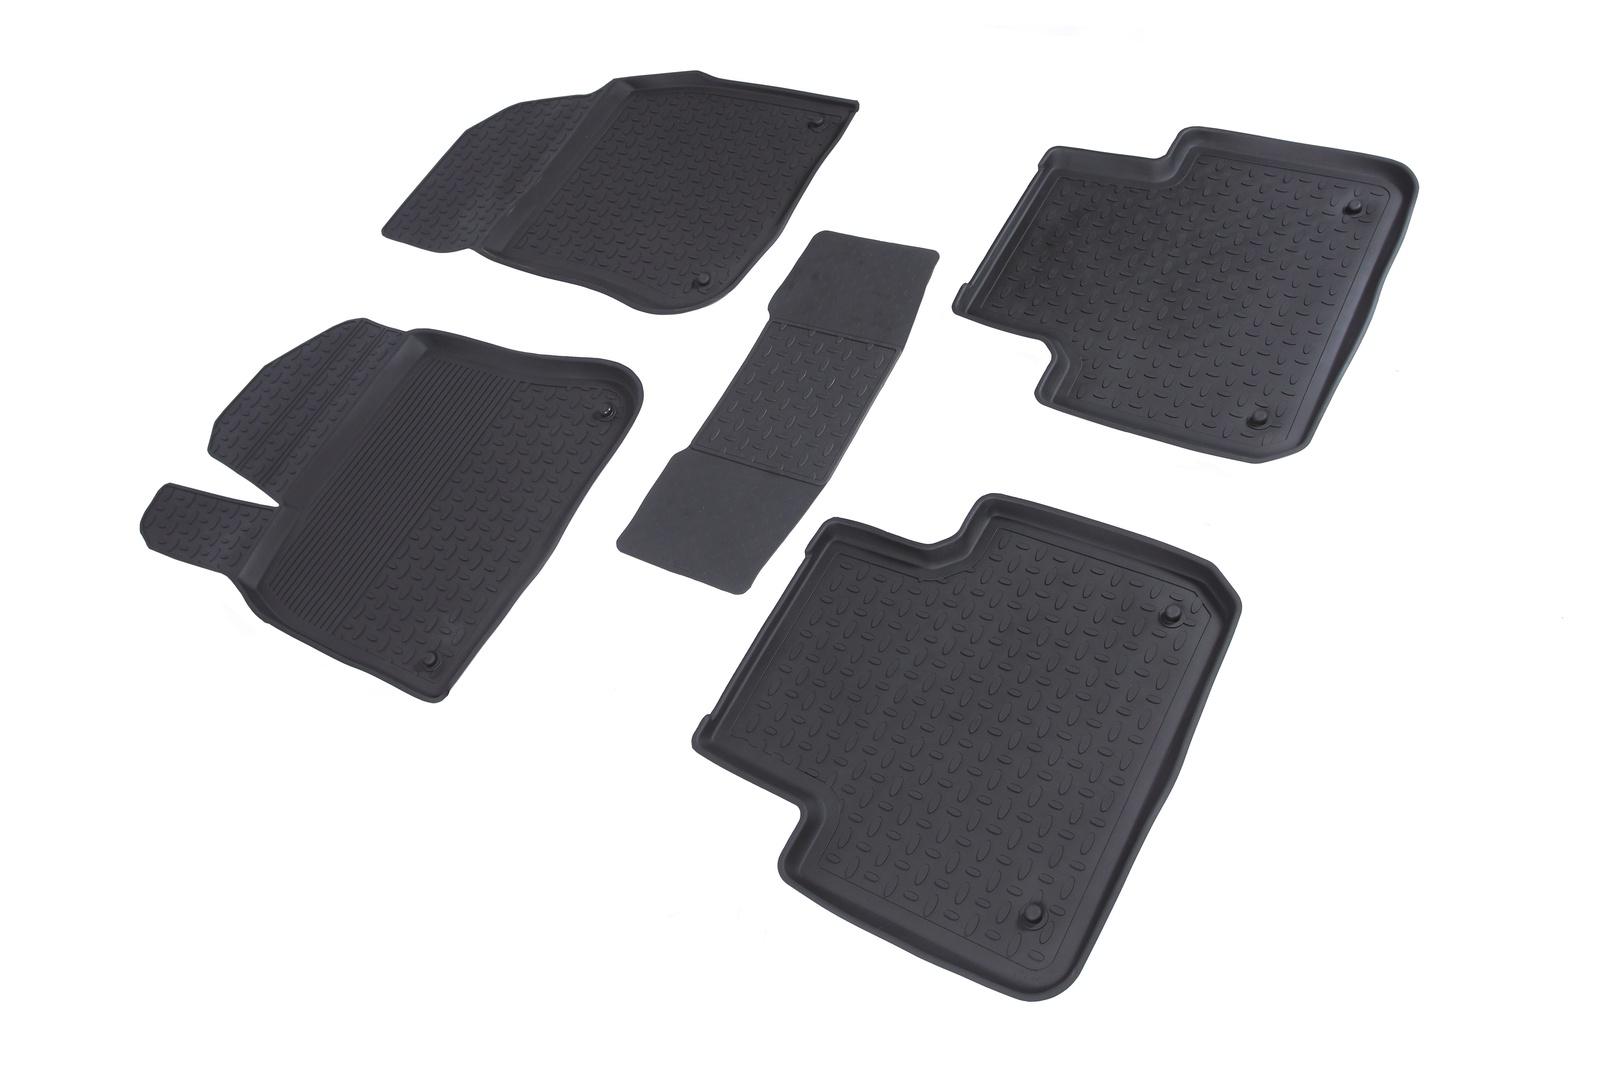 цена на Коврики в салон автомобиля Seintex Резиновые коврики с высоким бортом для Lexus RX (кроме версий с гибридным двигателем) 2009-2015